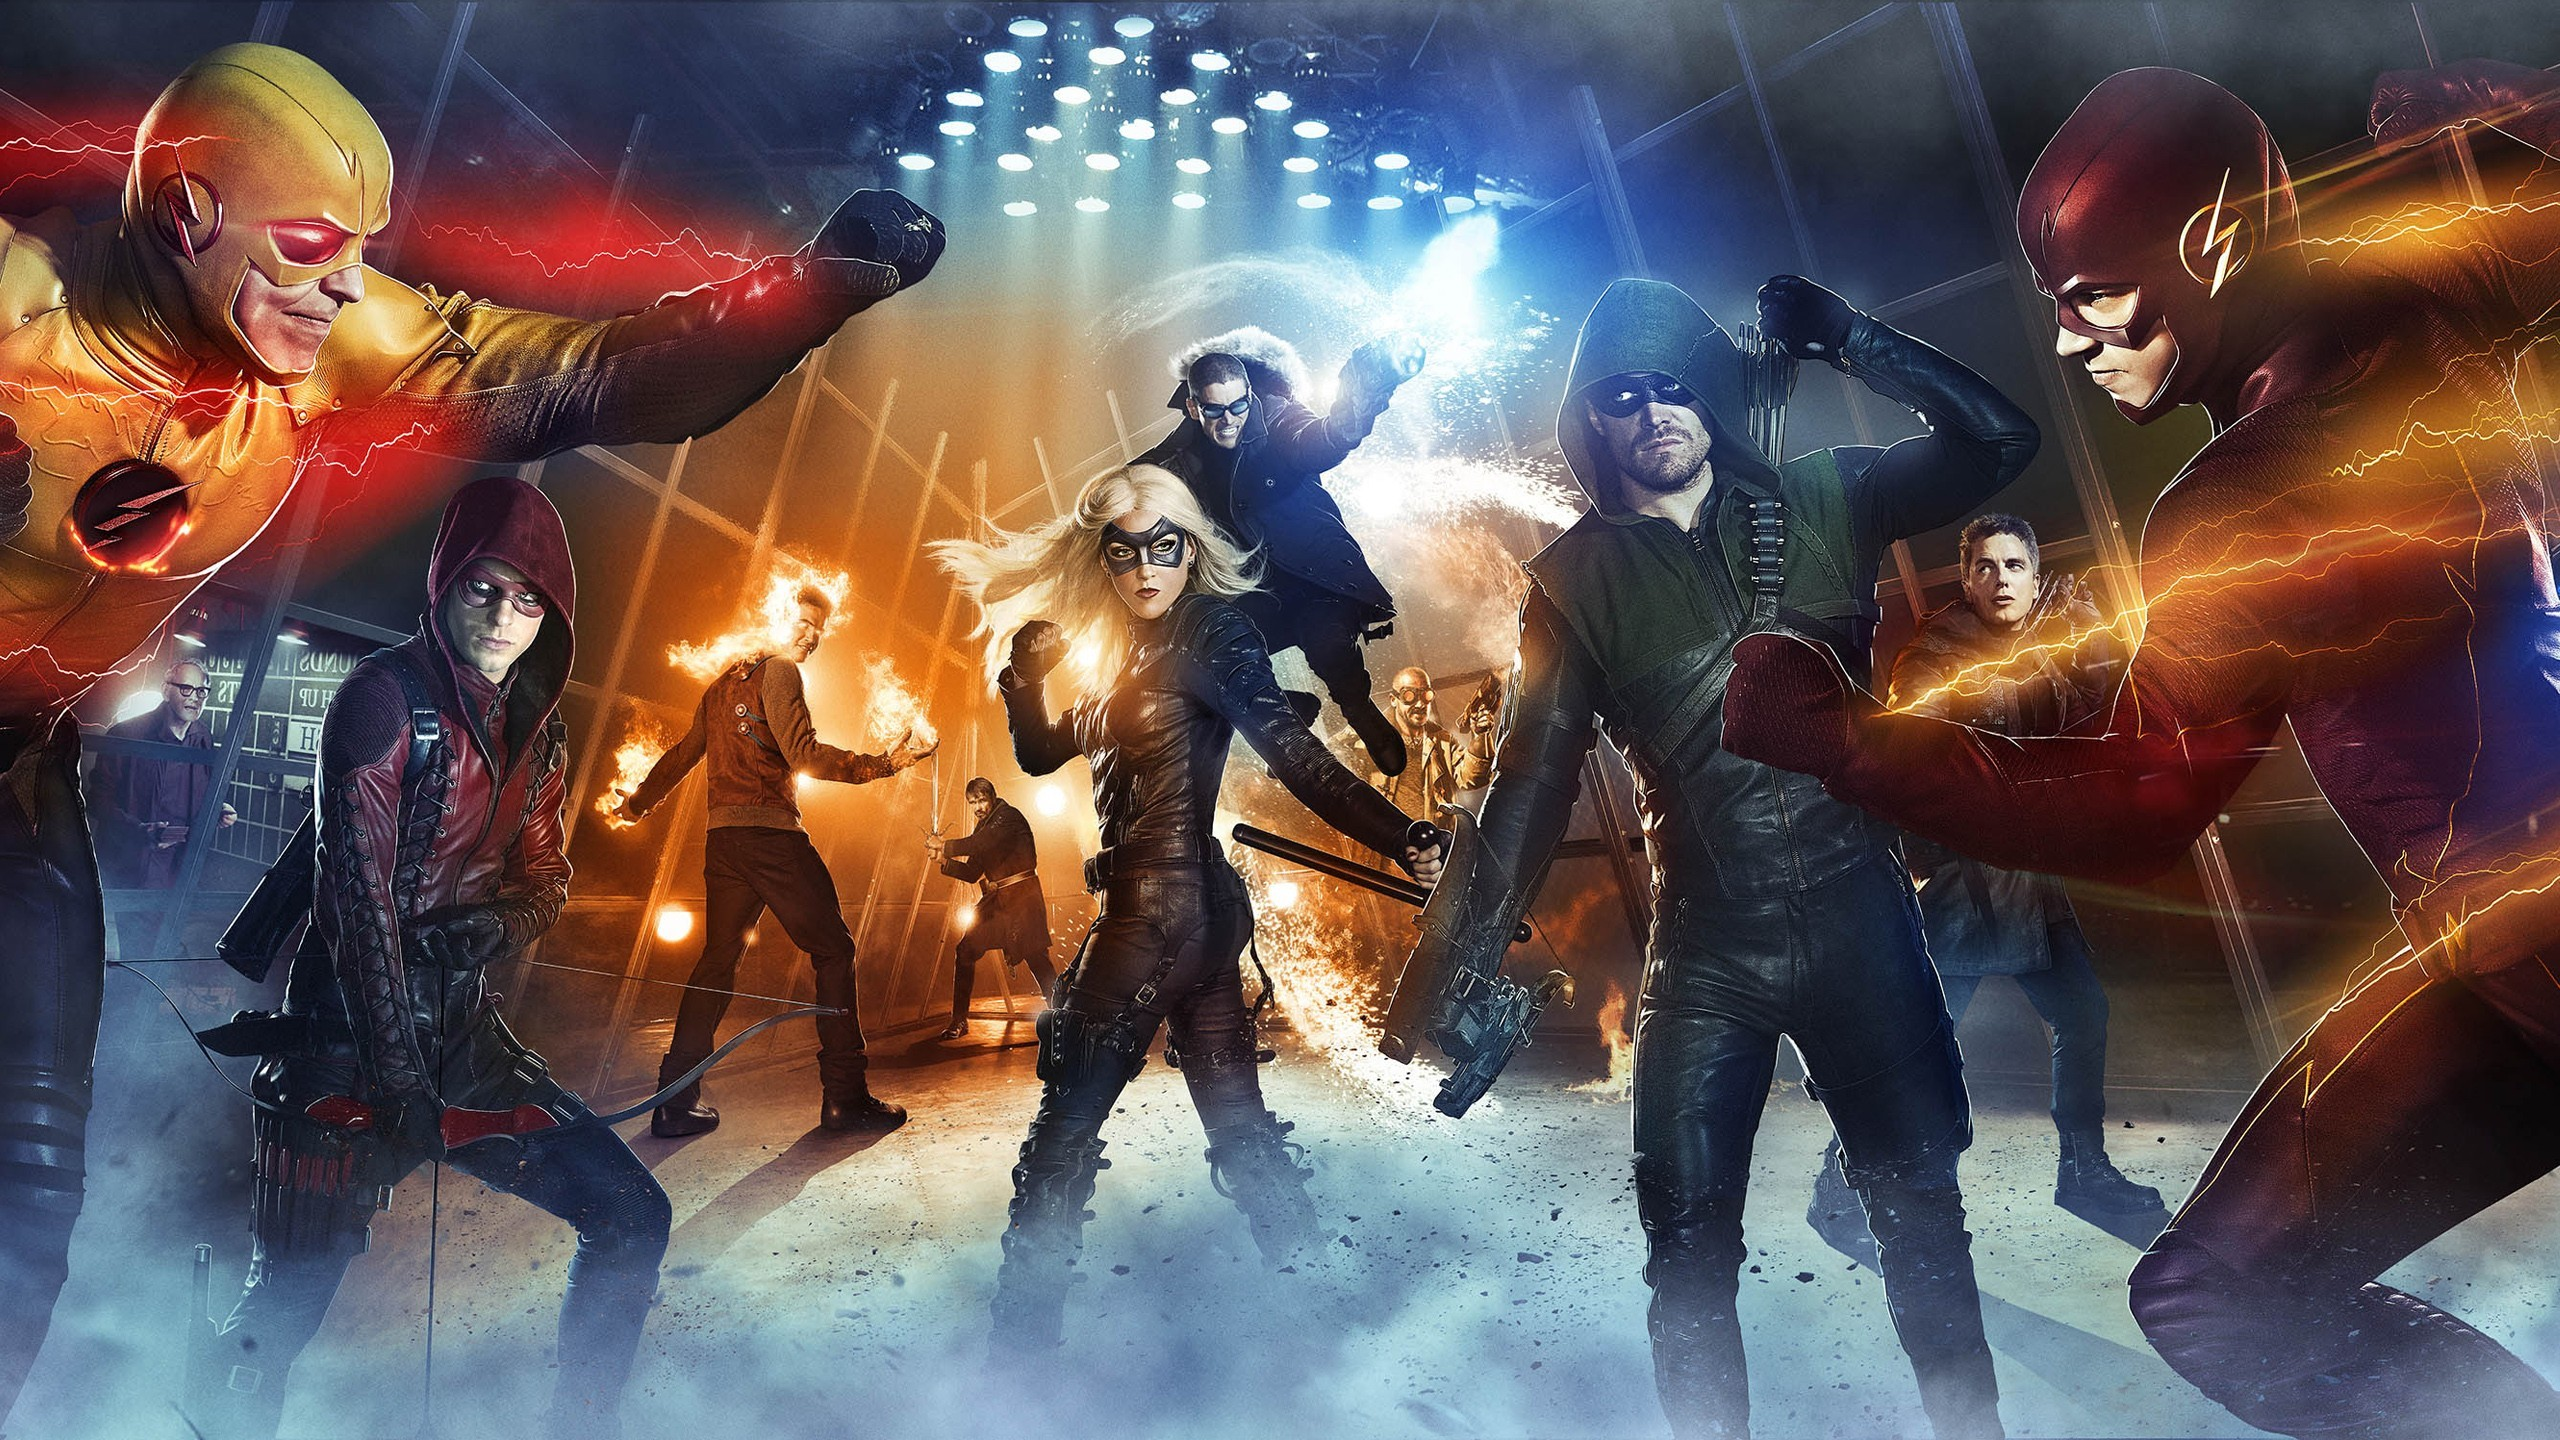 Download The <b>Flash Arrow HD</b> 4k <b>